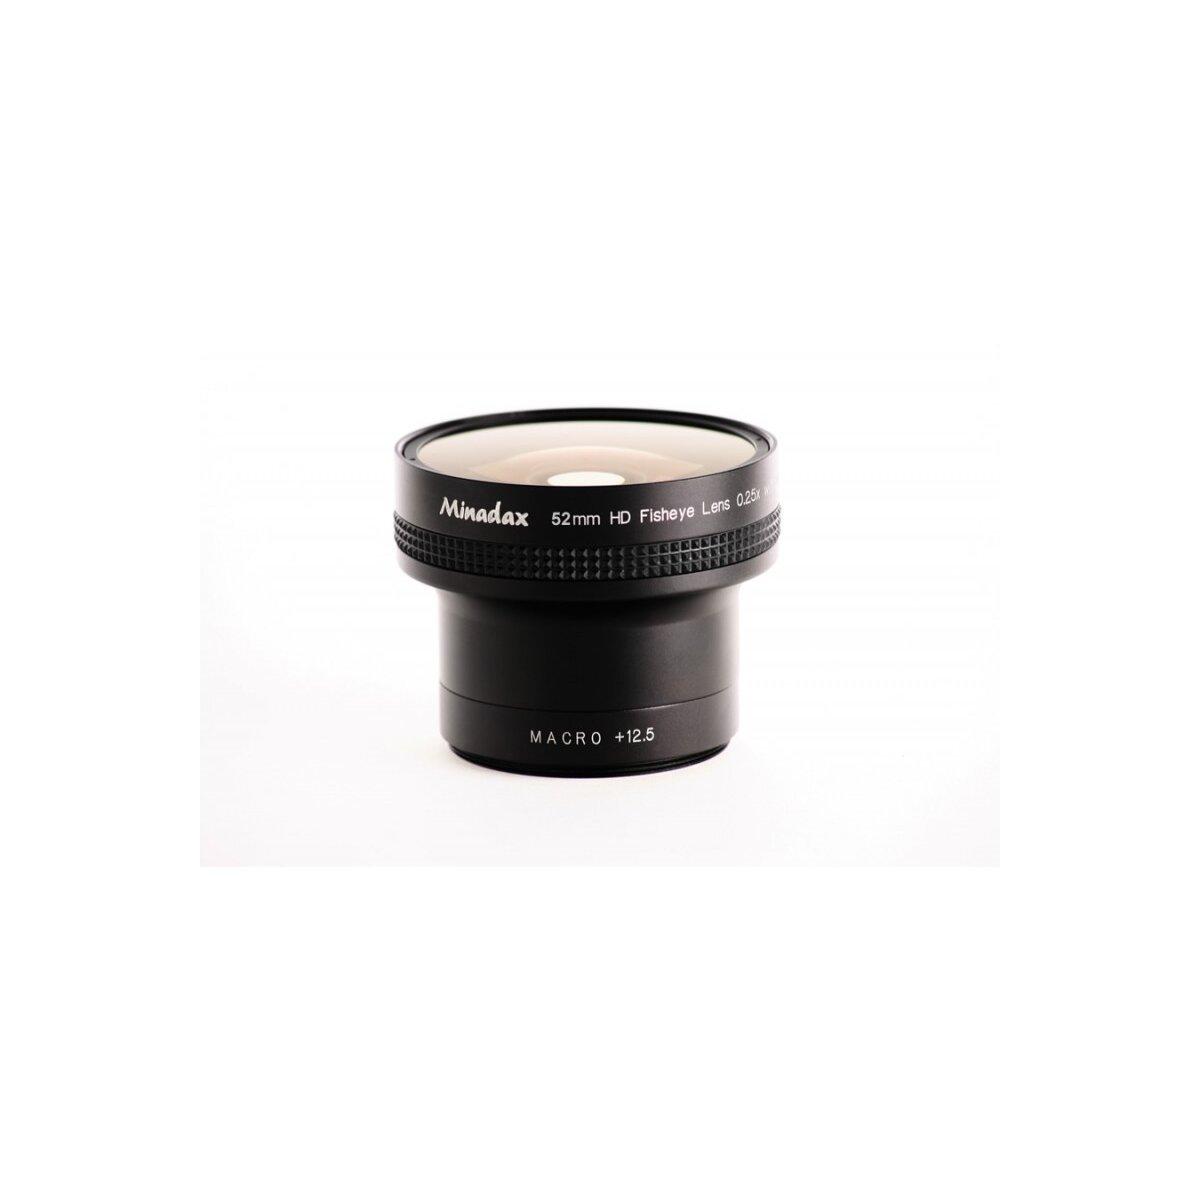 0.25x Minadax Fisheye Vorsatz Kodak Z650, Z710, ZD710, Z740 - in schwarz